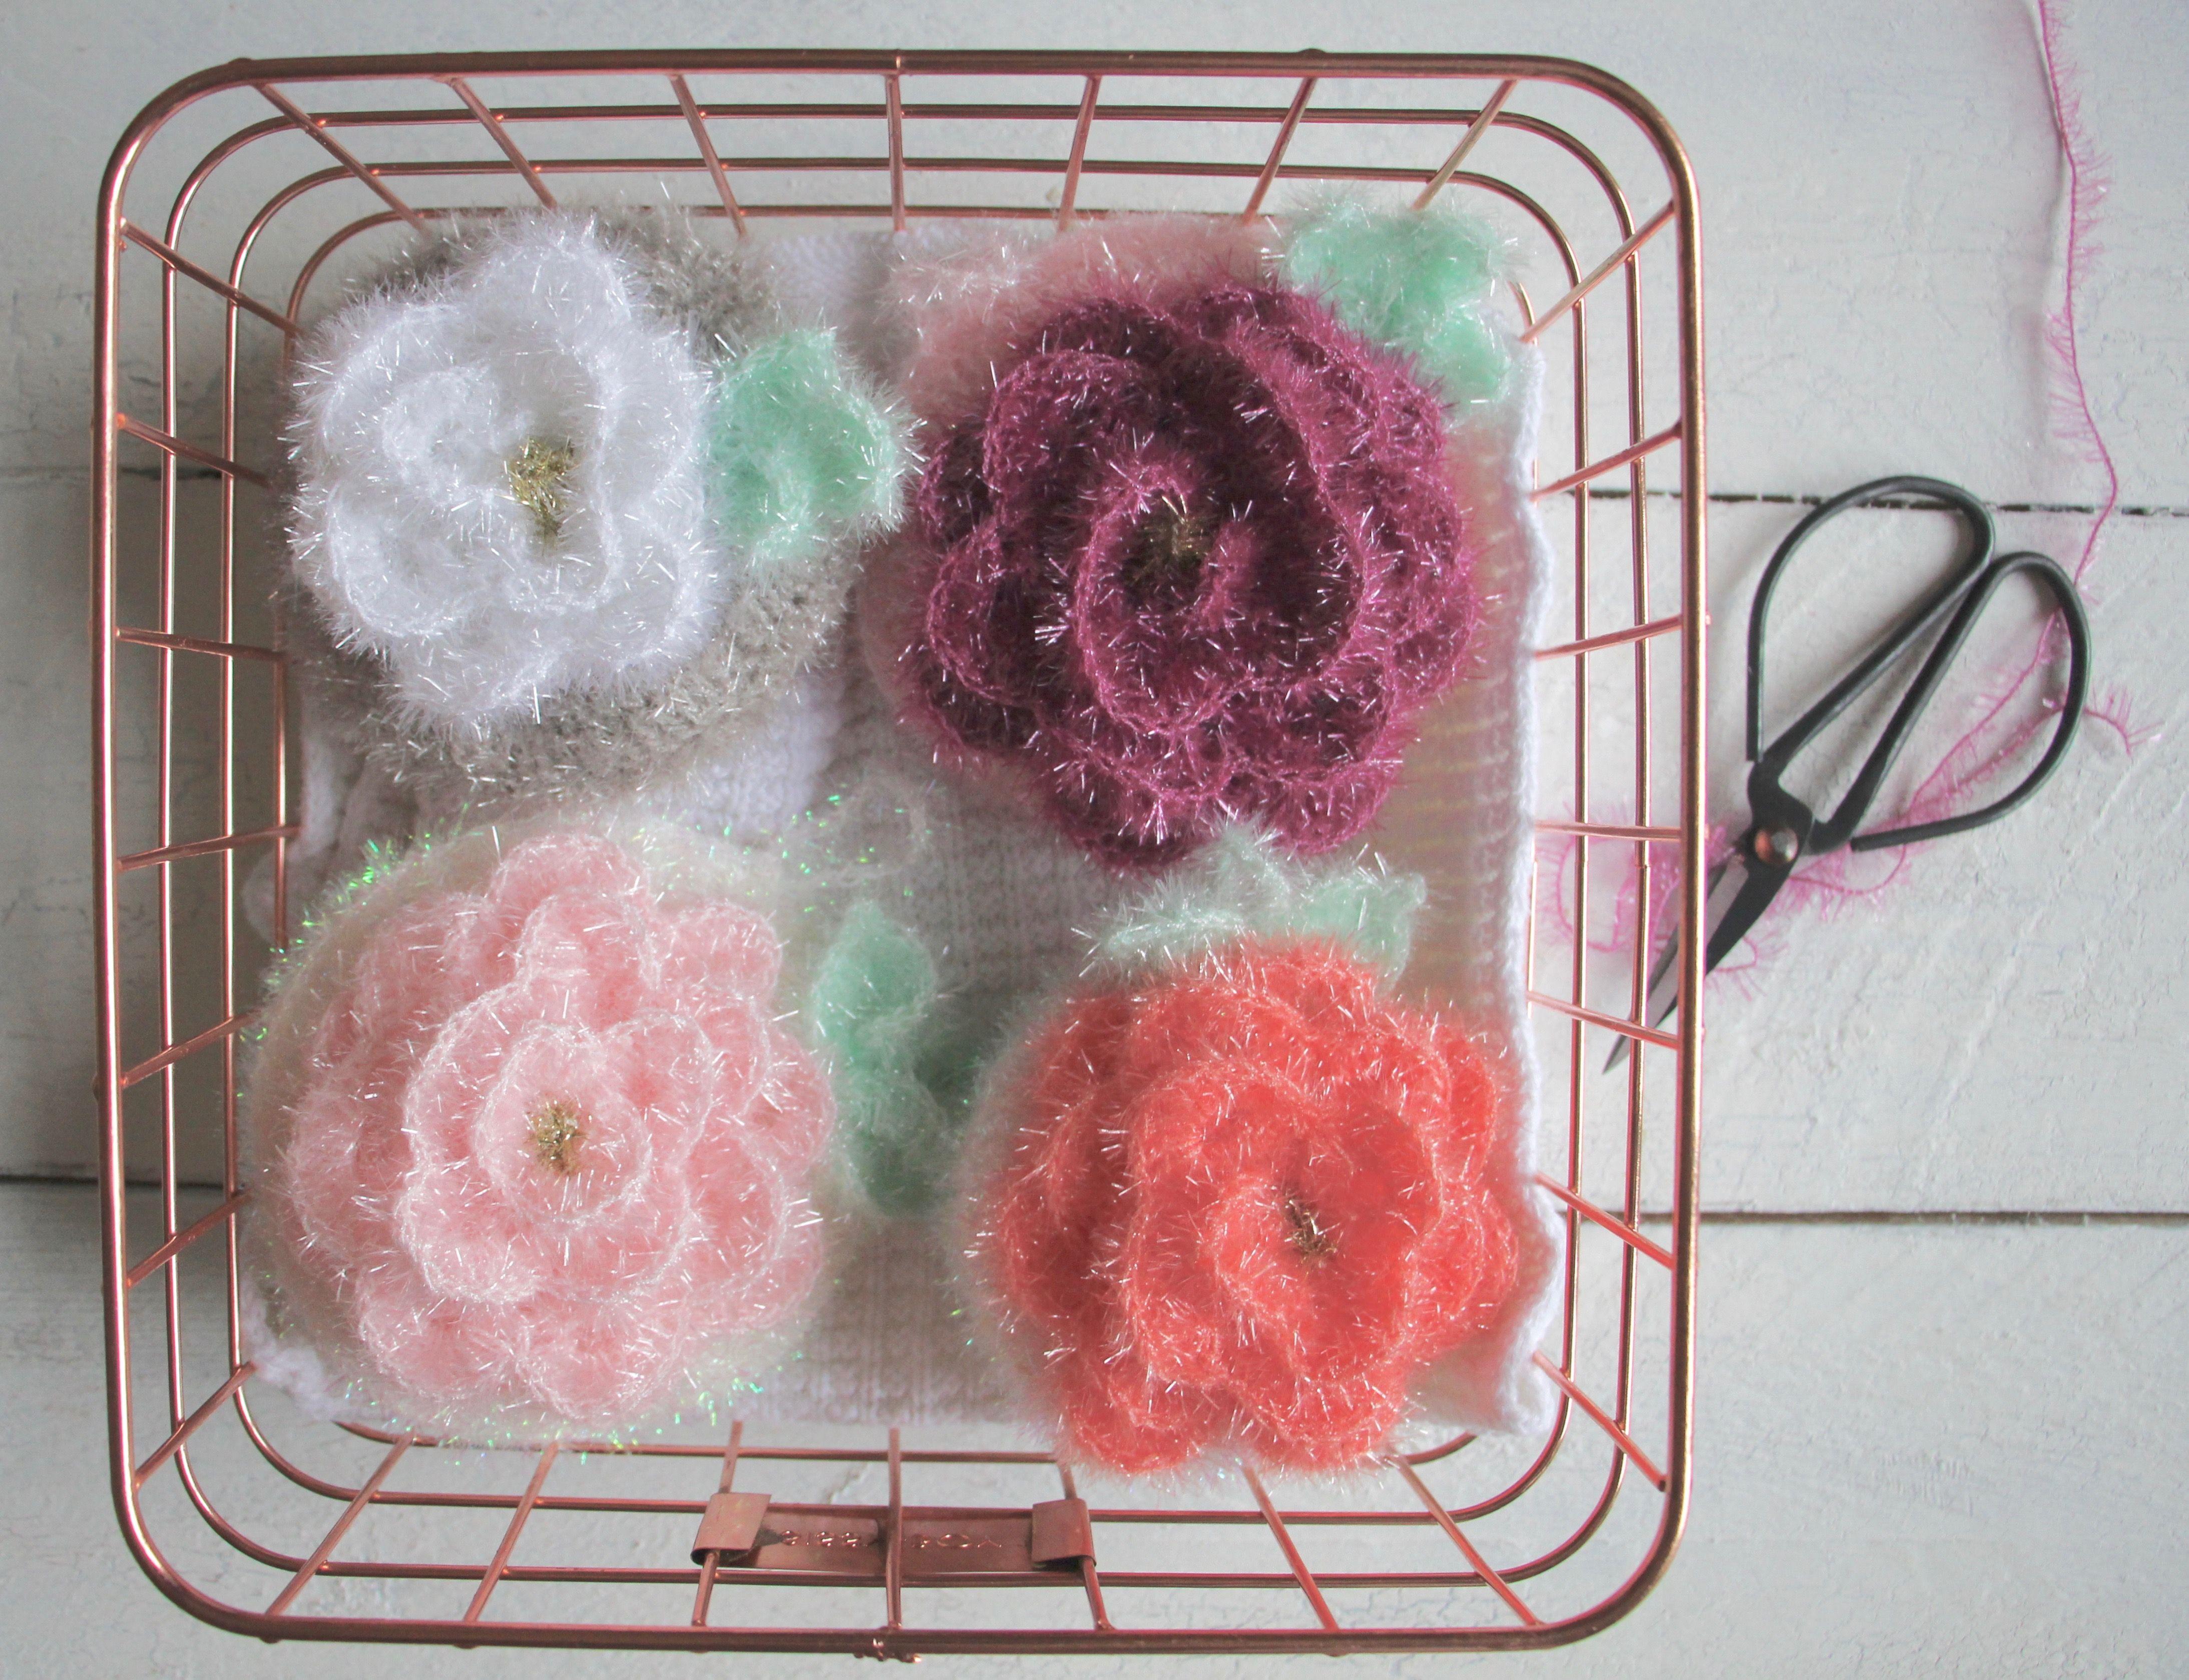 Peeling Rosen Duschrosen Bubbles Bubble Spülis Pinterest